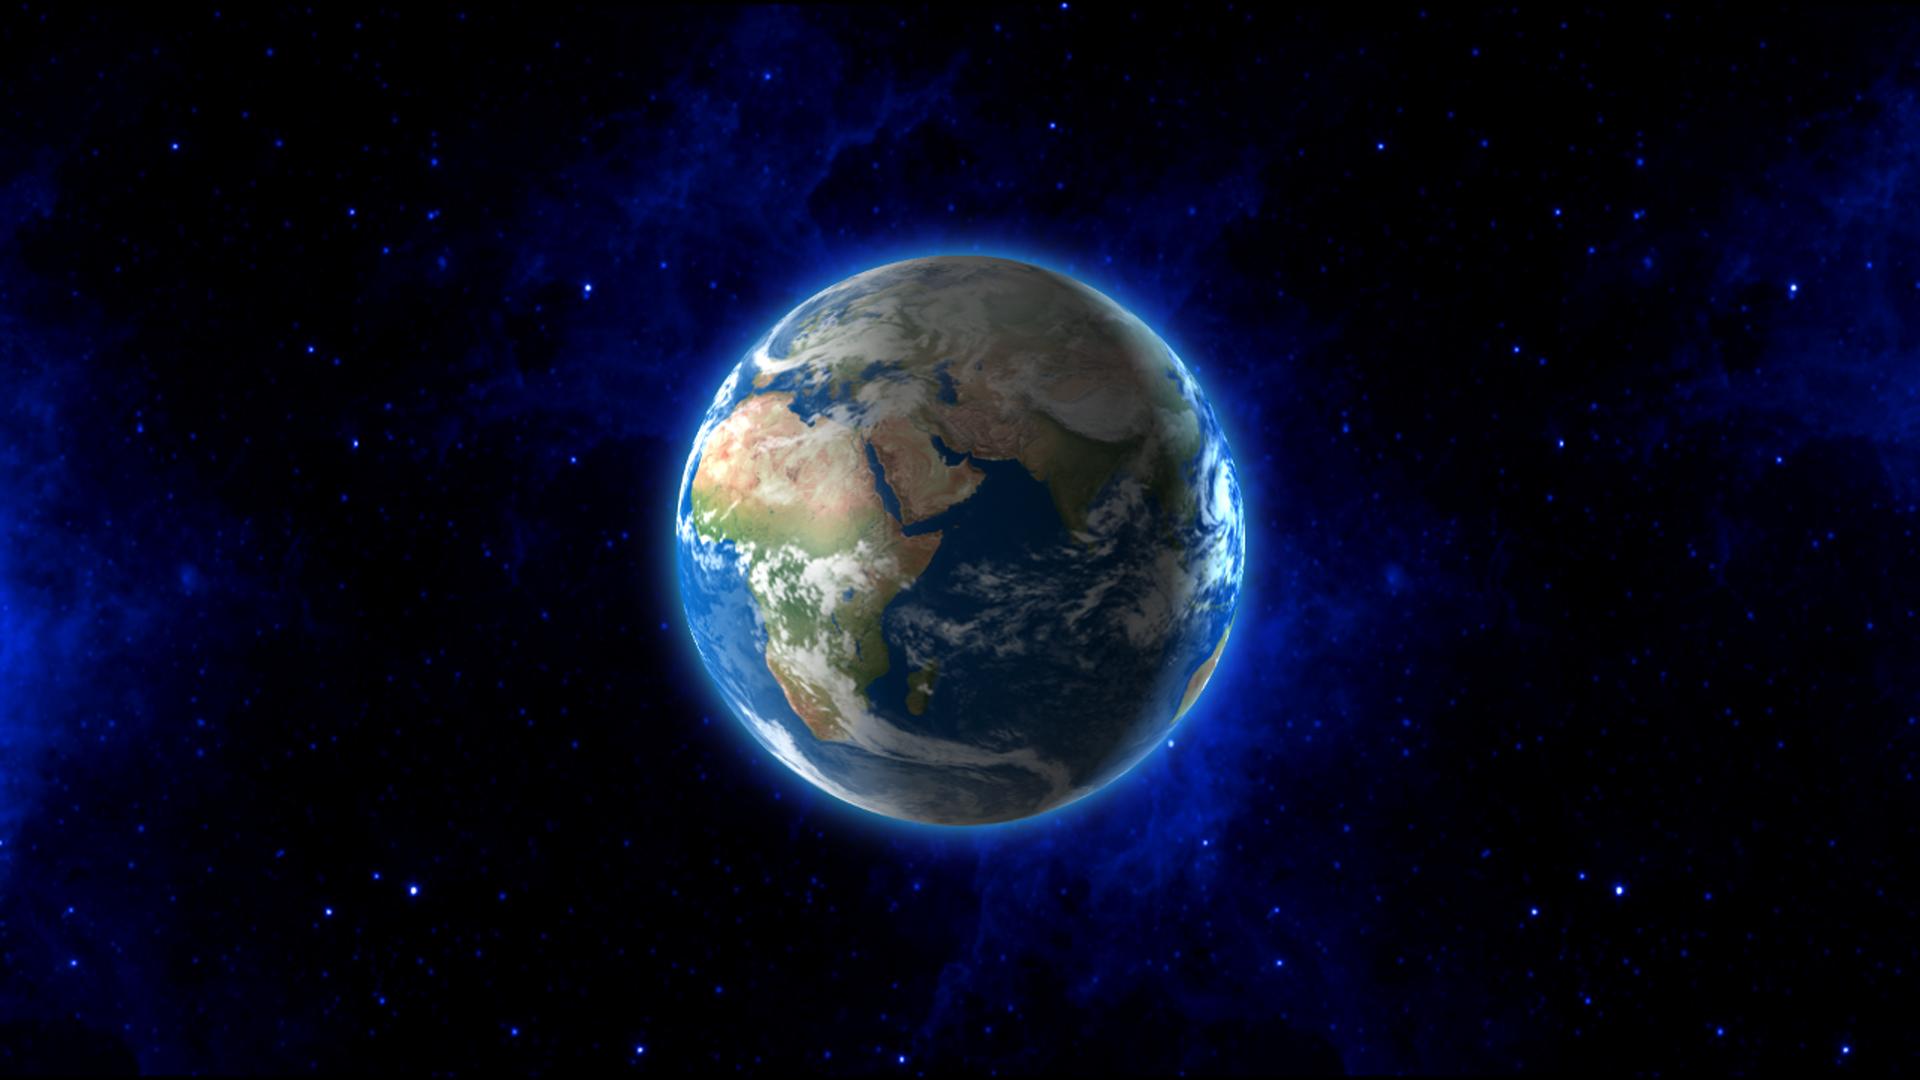 Earth HD Wallpaper - WallpaperSafari